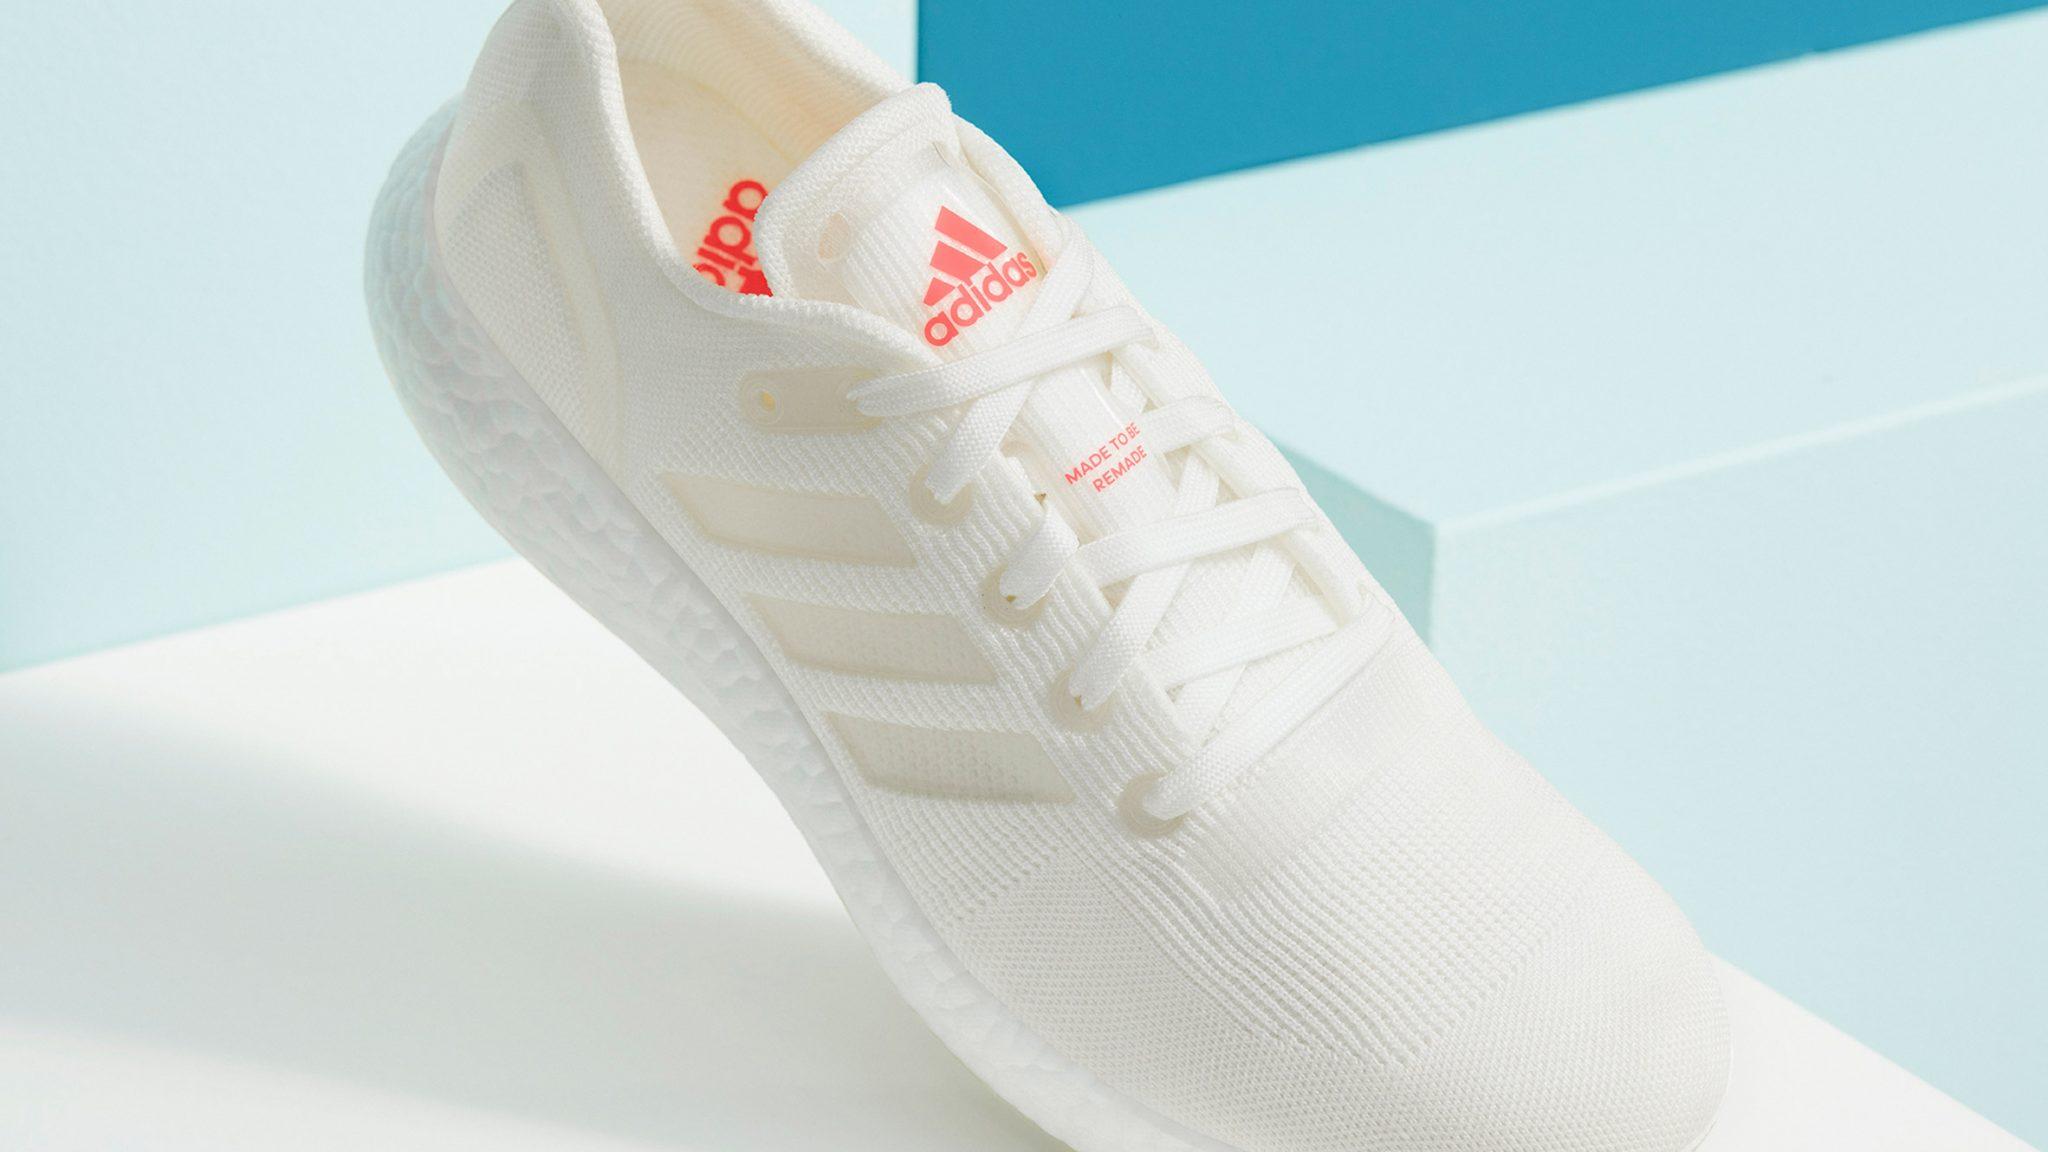 dezeen - Adidas' endlessly recyclable trainer features in today's Dezeen Weekly newsletter